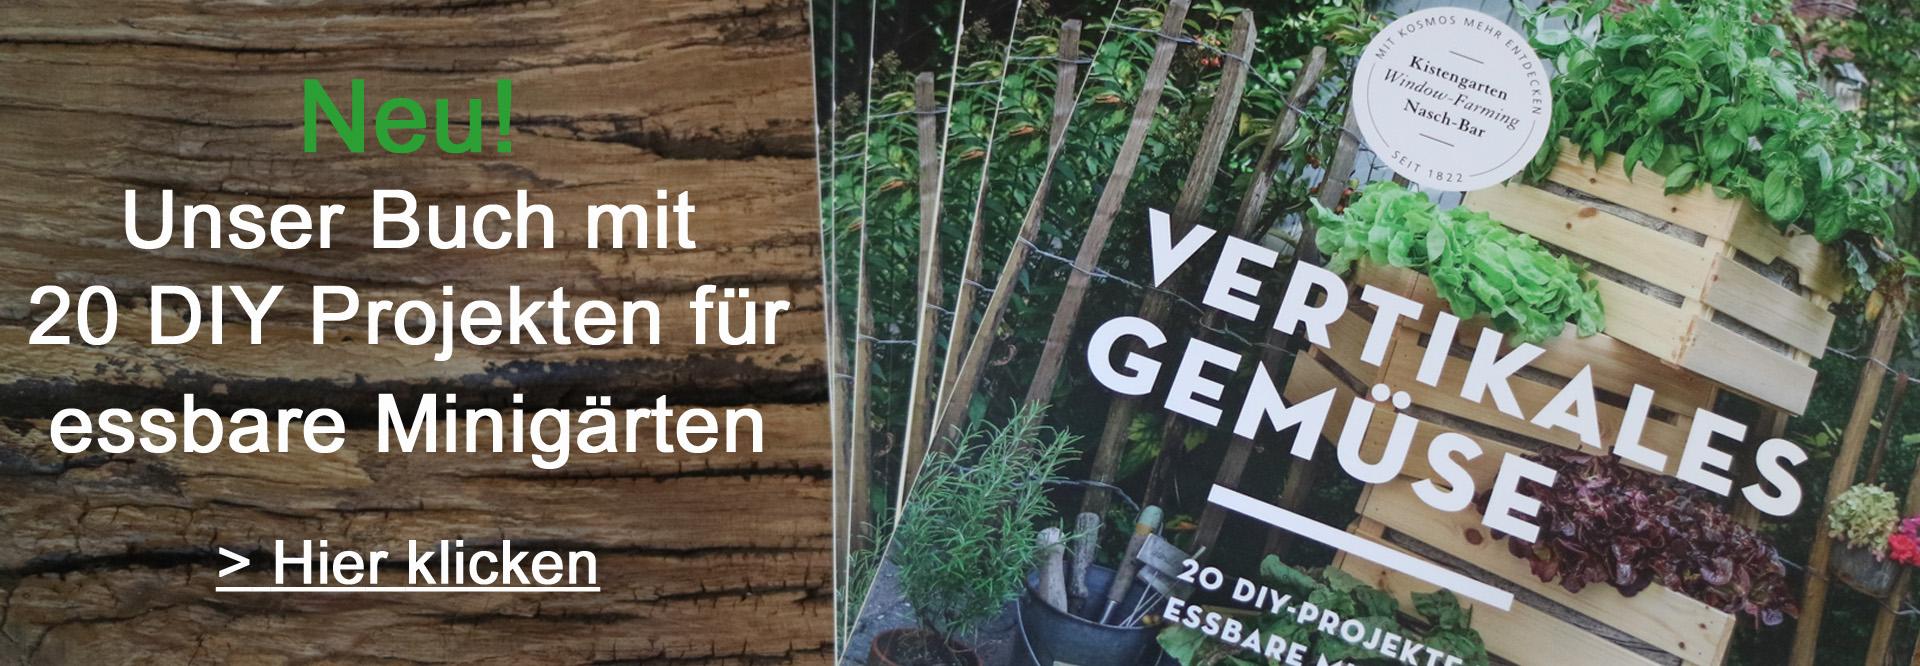 Vertikales Gemüse Banner